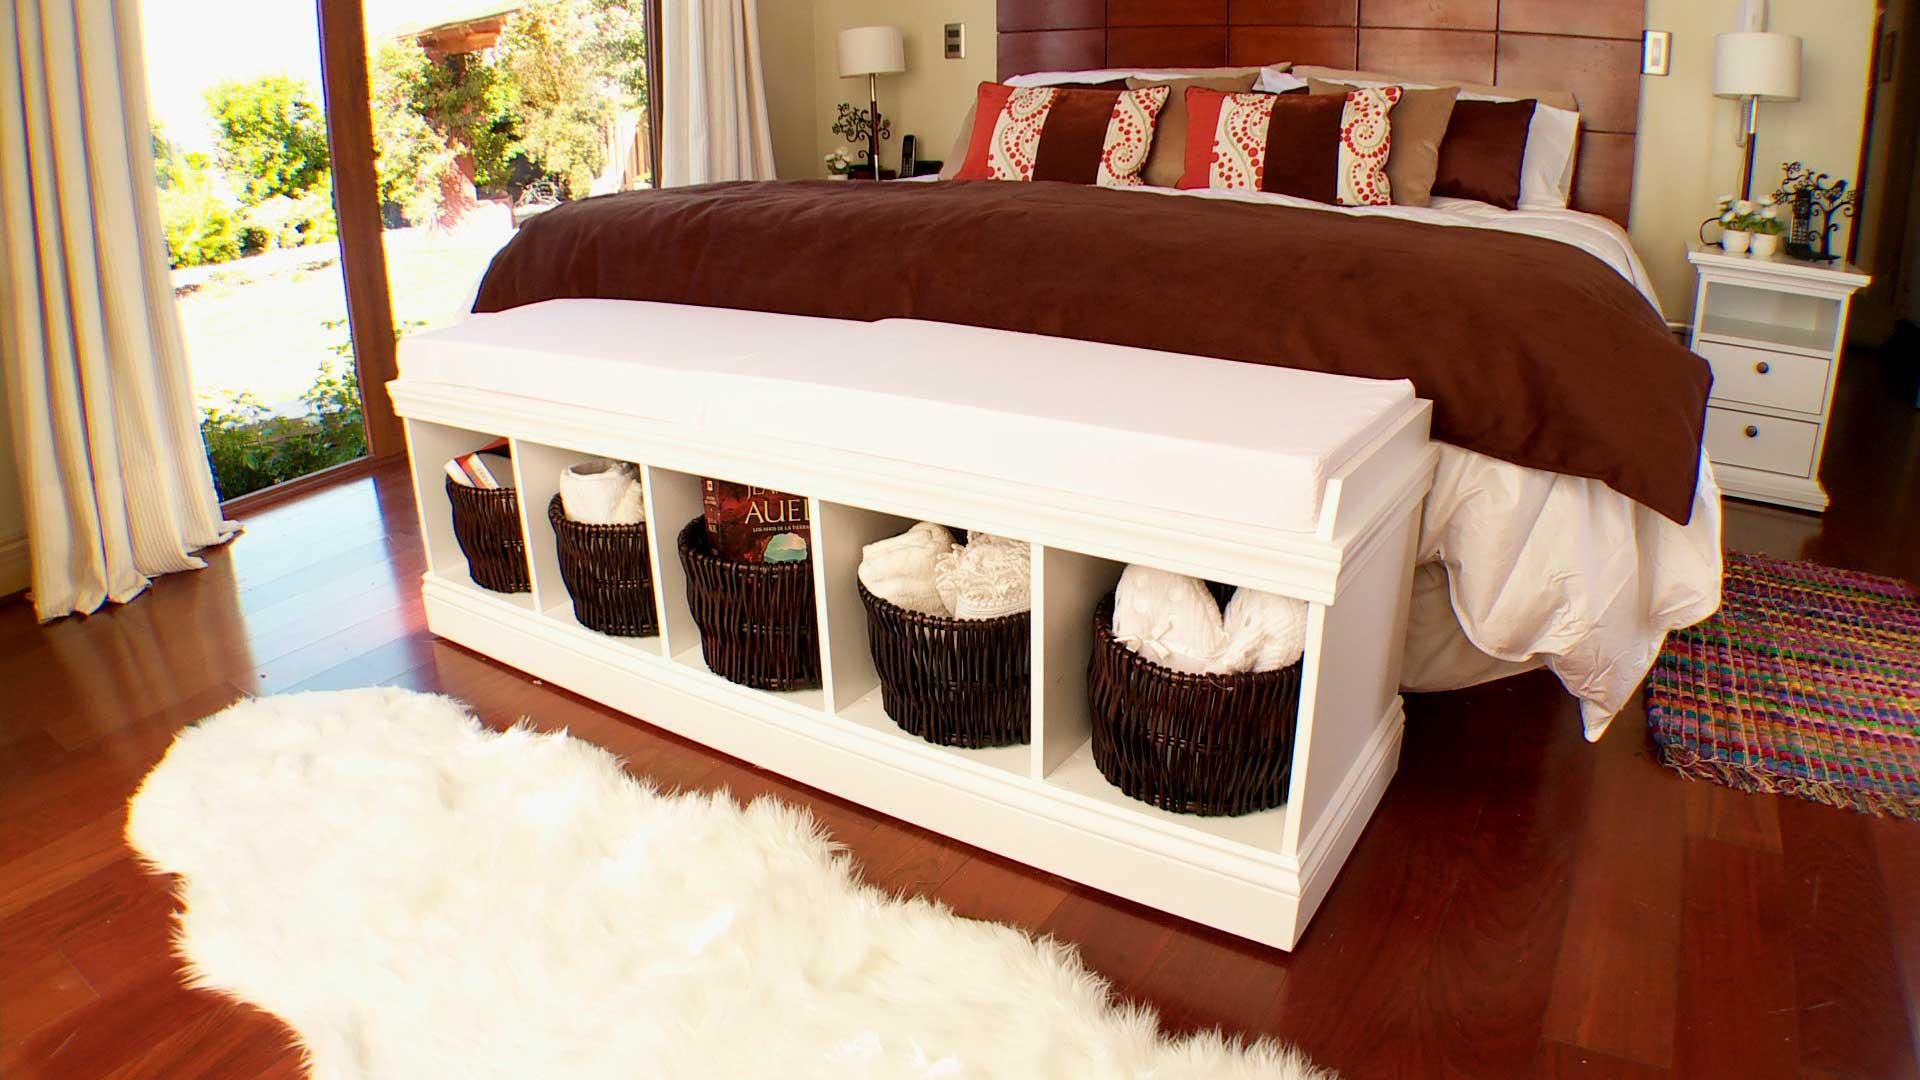 Hágalo Usted Mismo - ¿Cómo construir una banqueta estantería de cama?